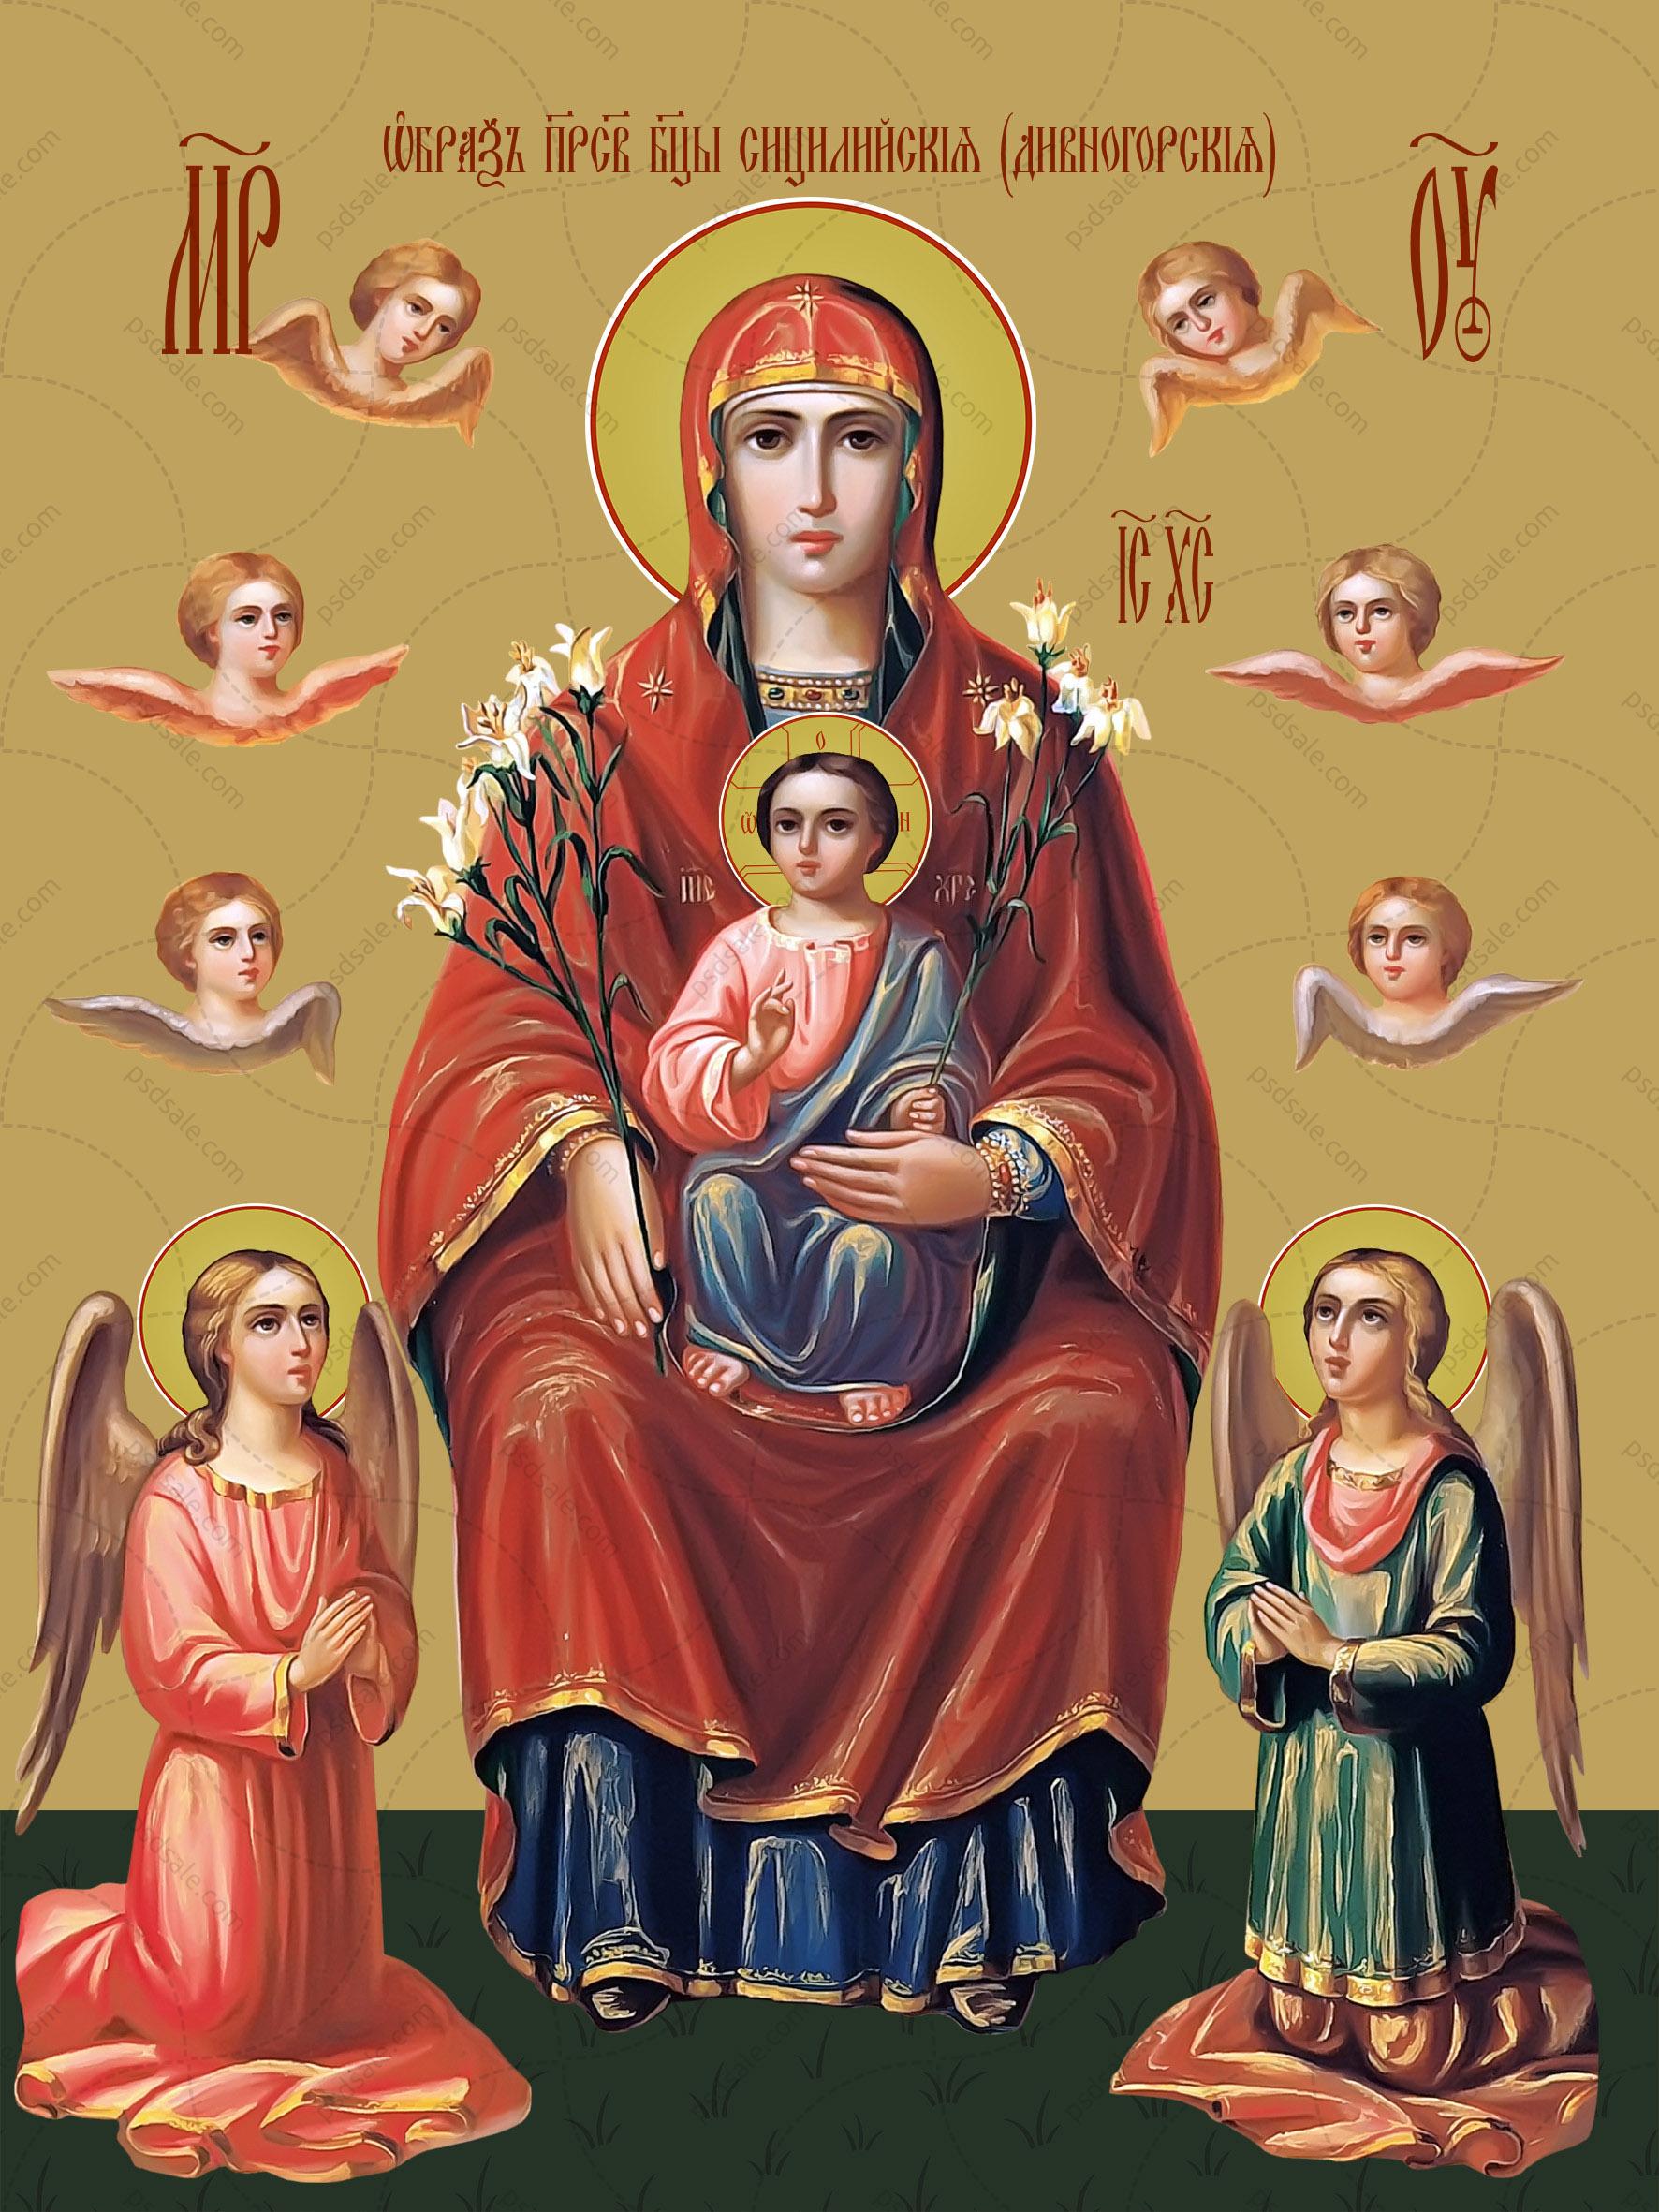 Дивногорская икона божьей матери (Сицилийская)